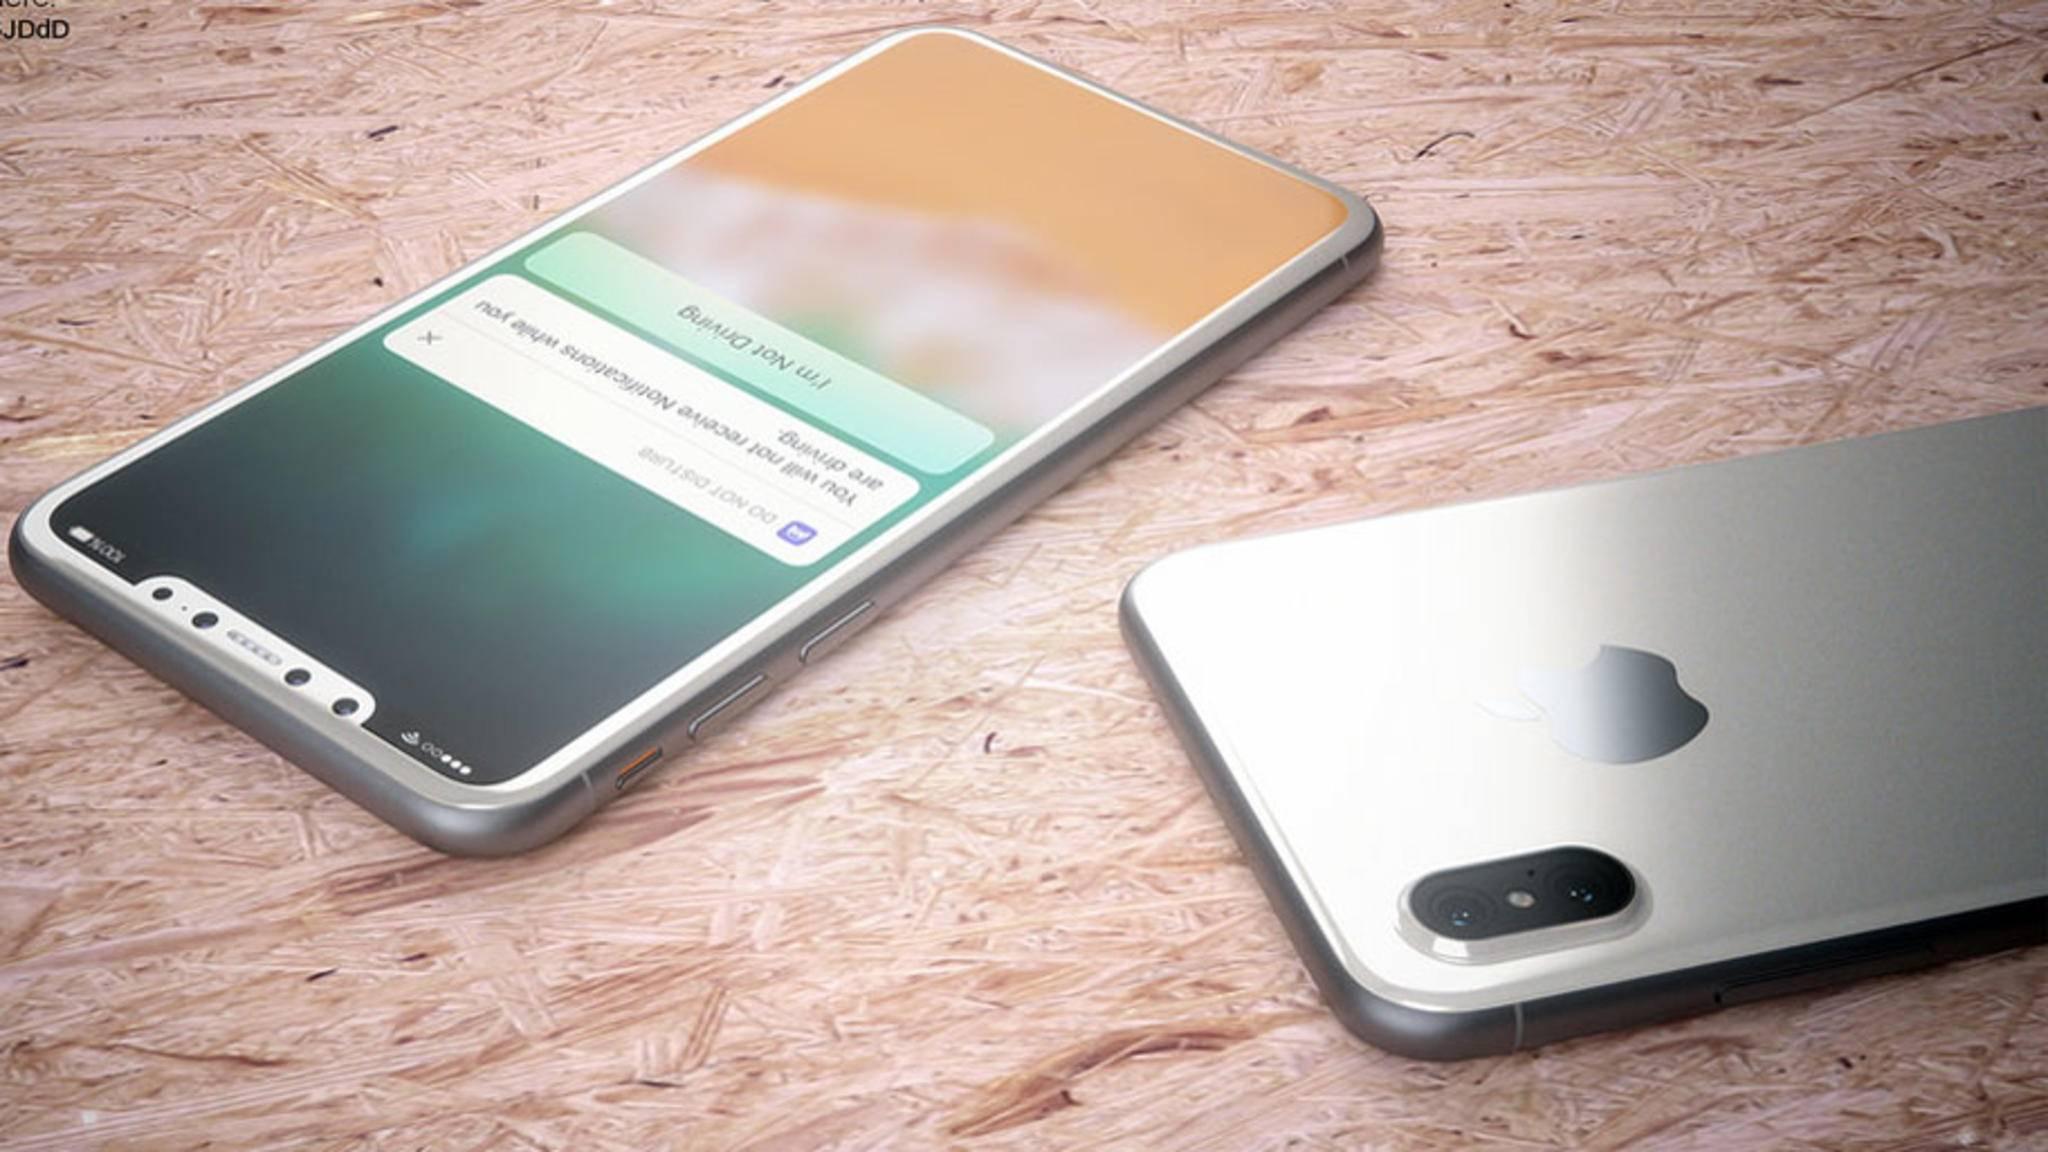 Gesichtserkennung dient im iPhone 8 wohl nicht nur zum Entsperren und für Apple Pay.